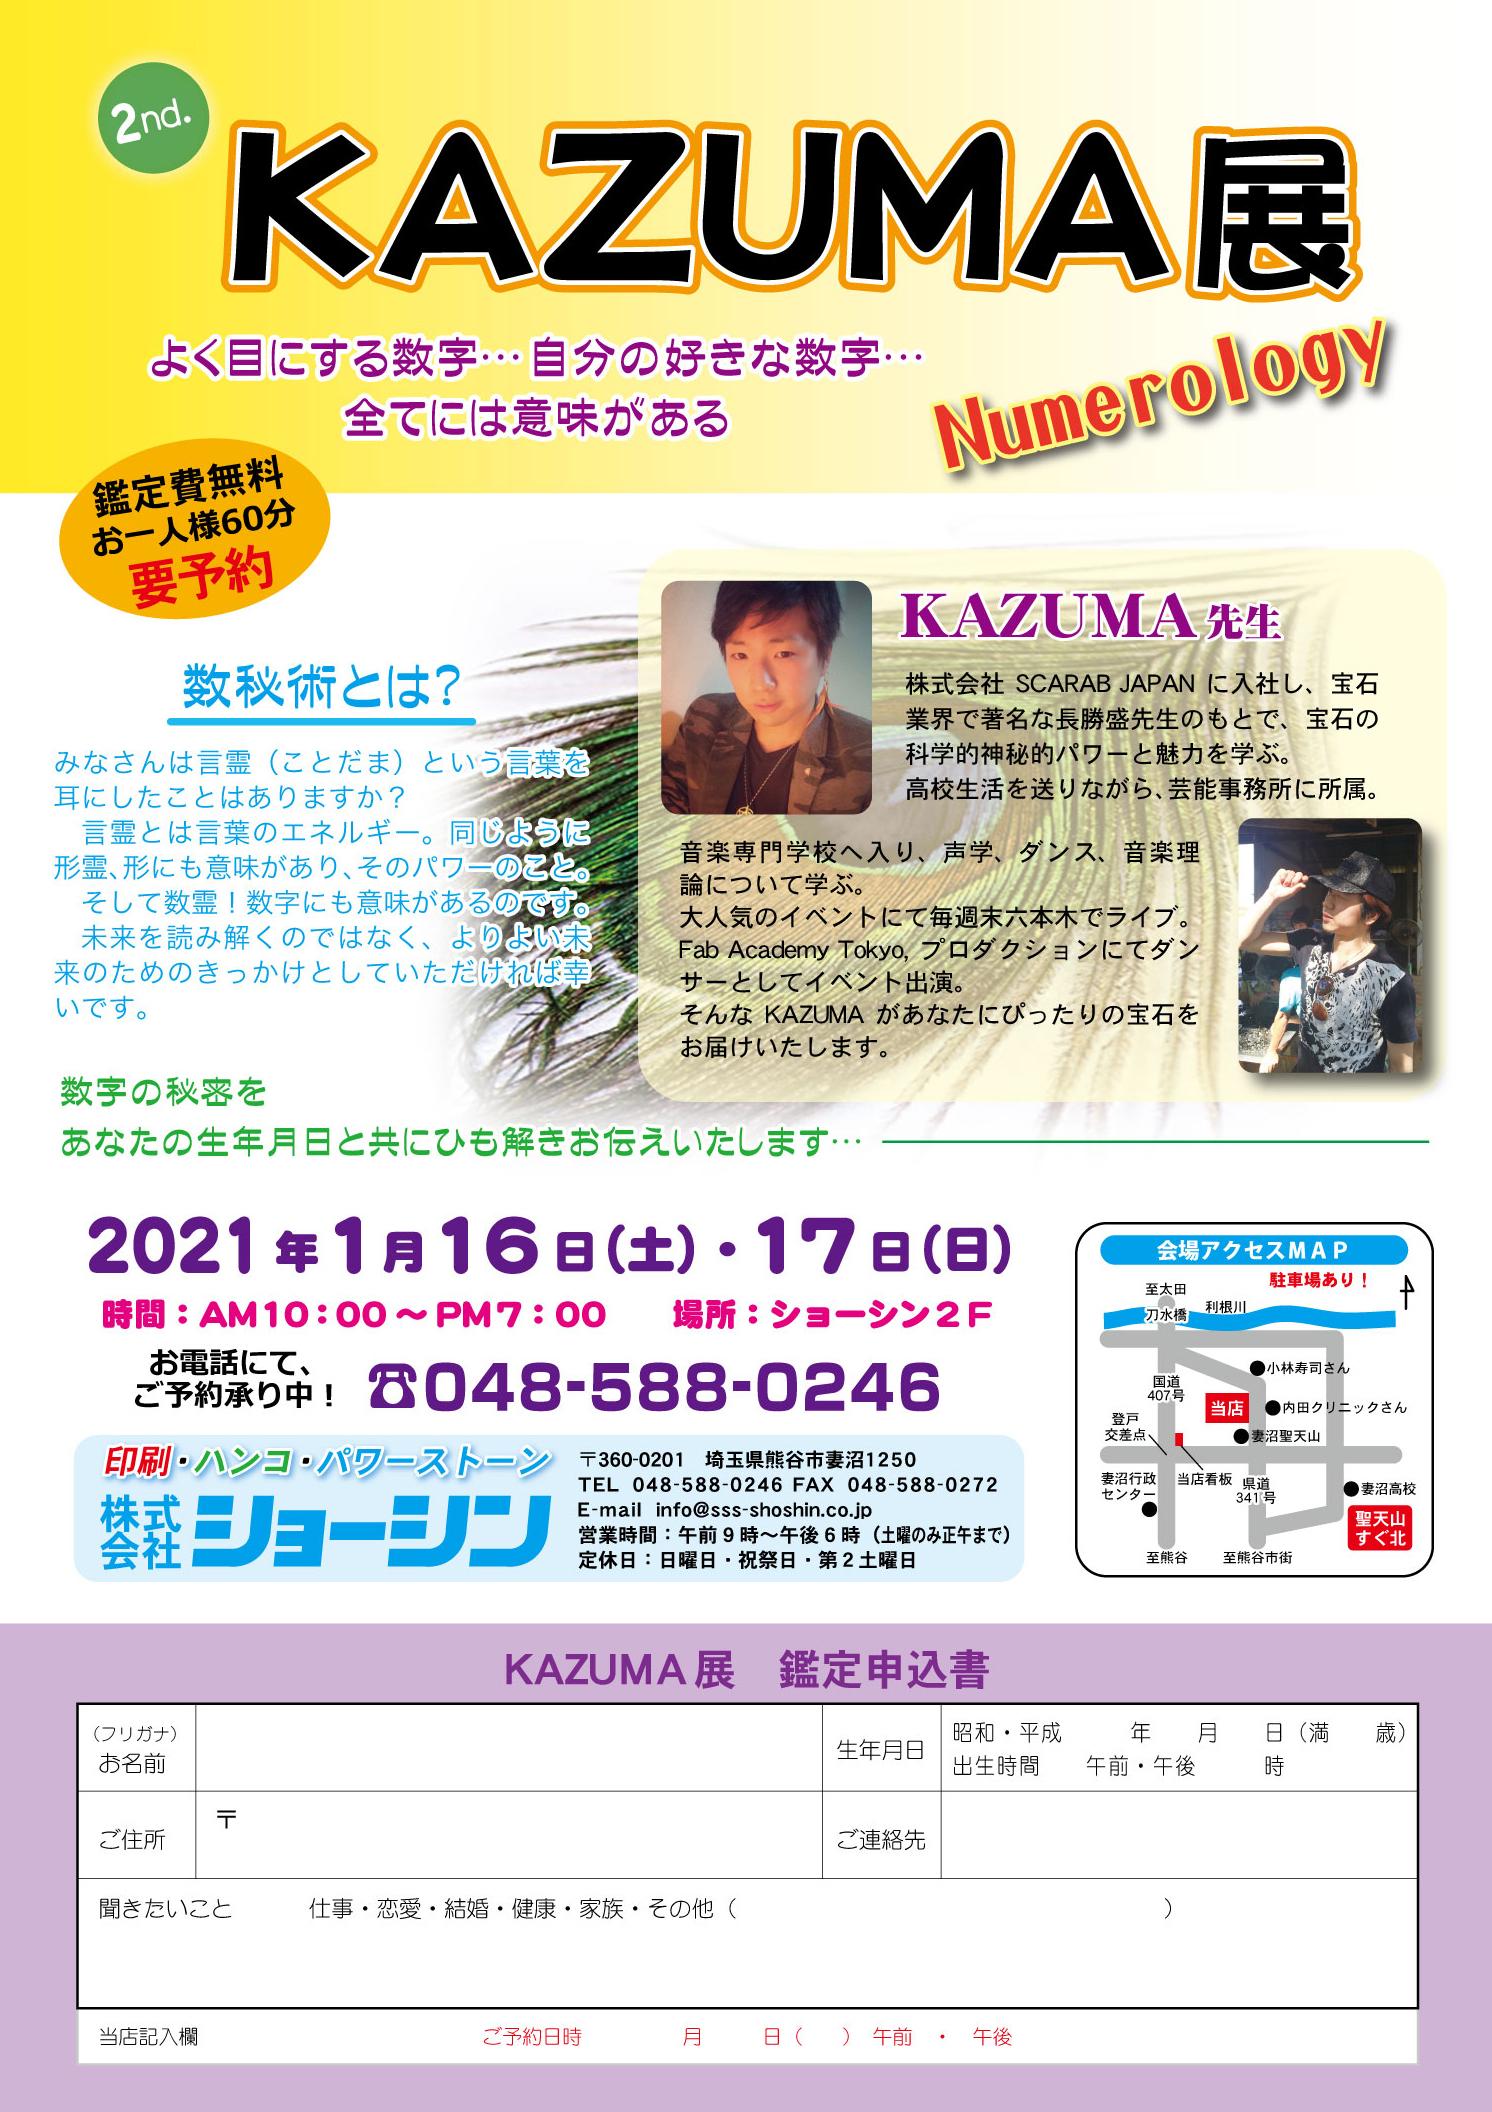 第2回 KAZUMA展